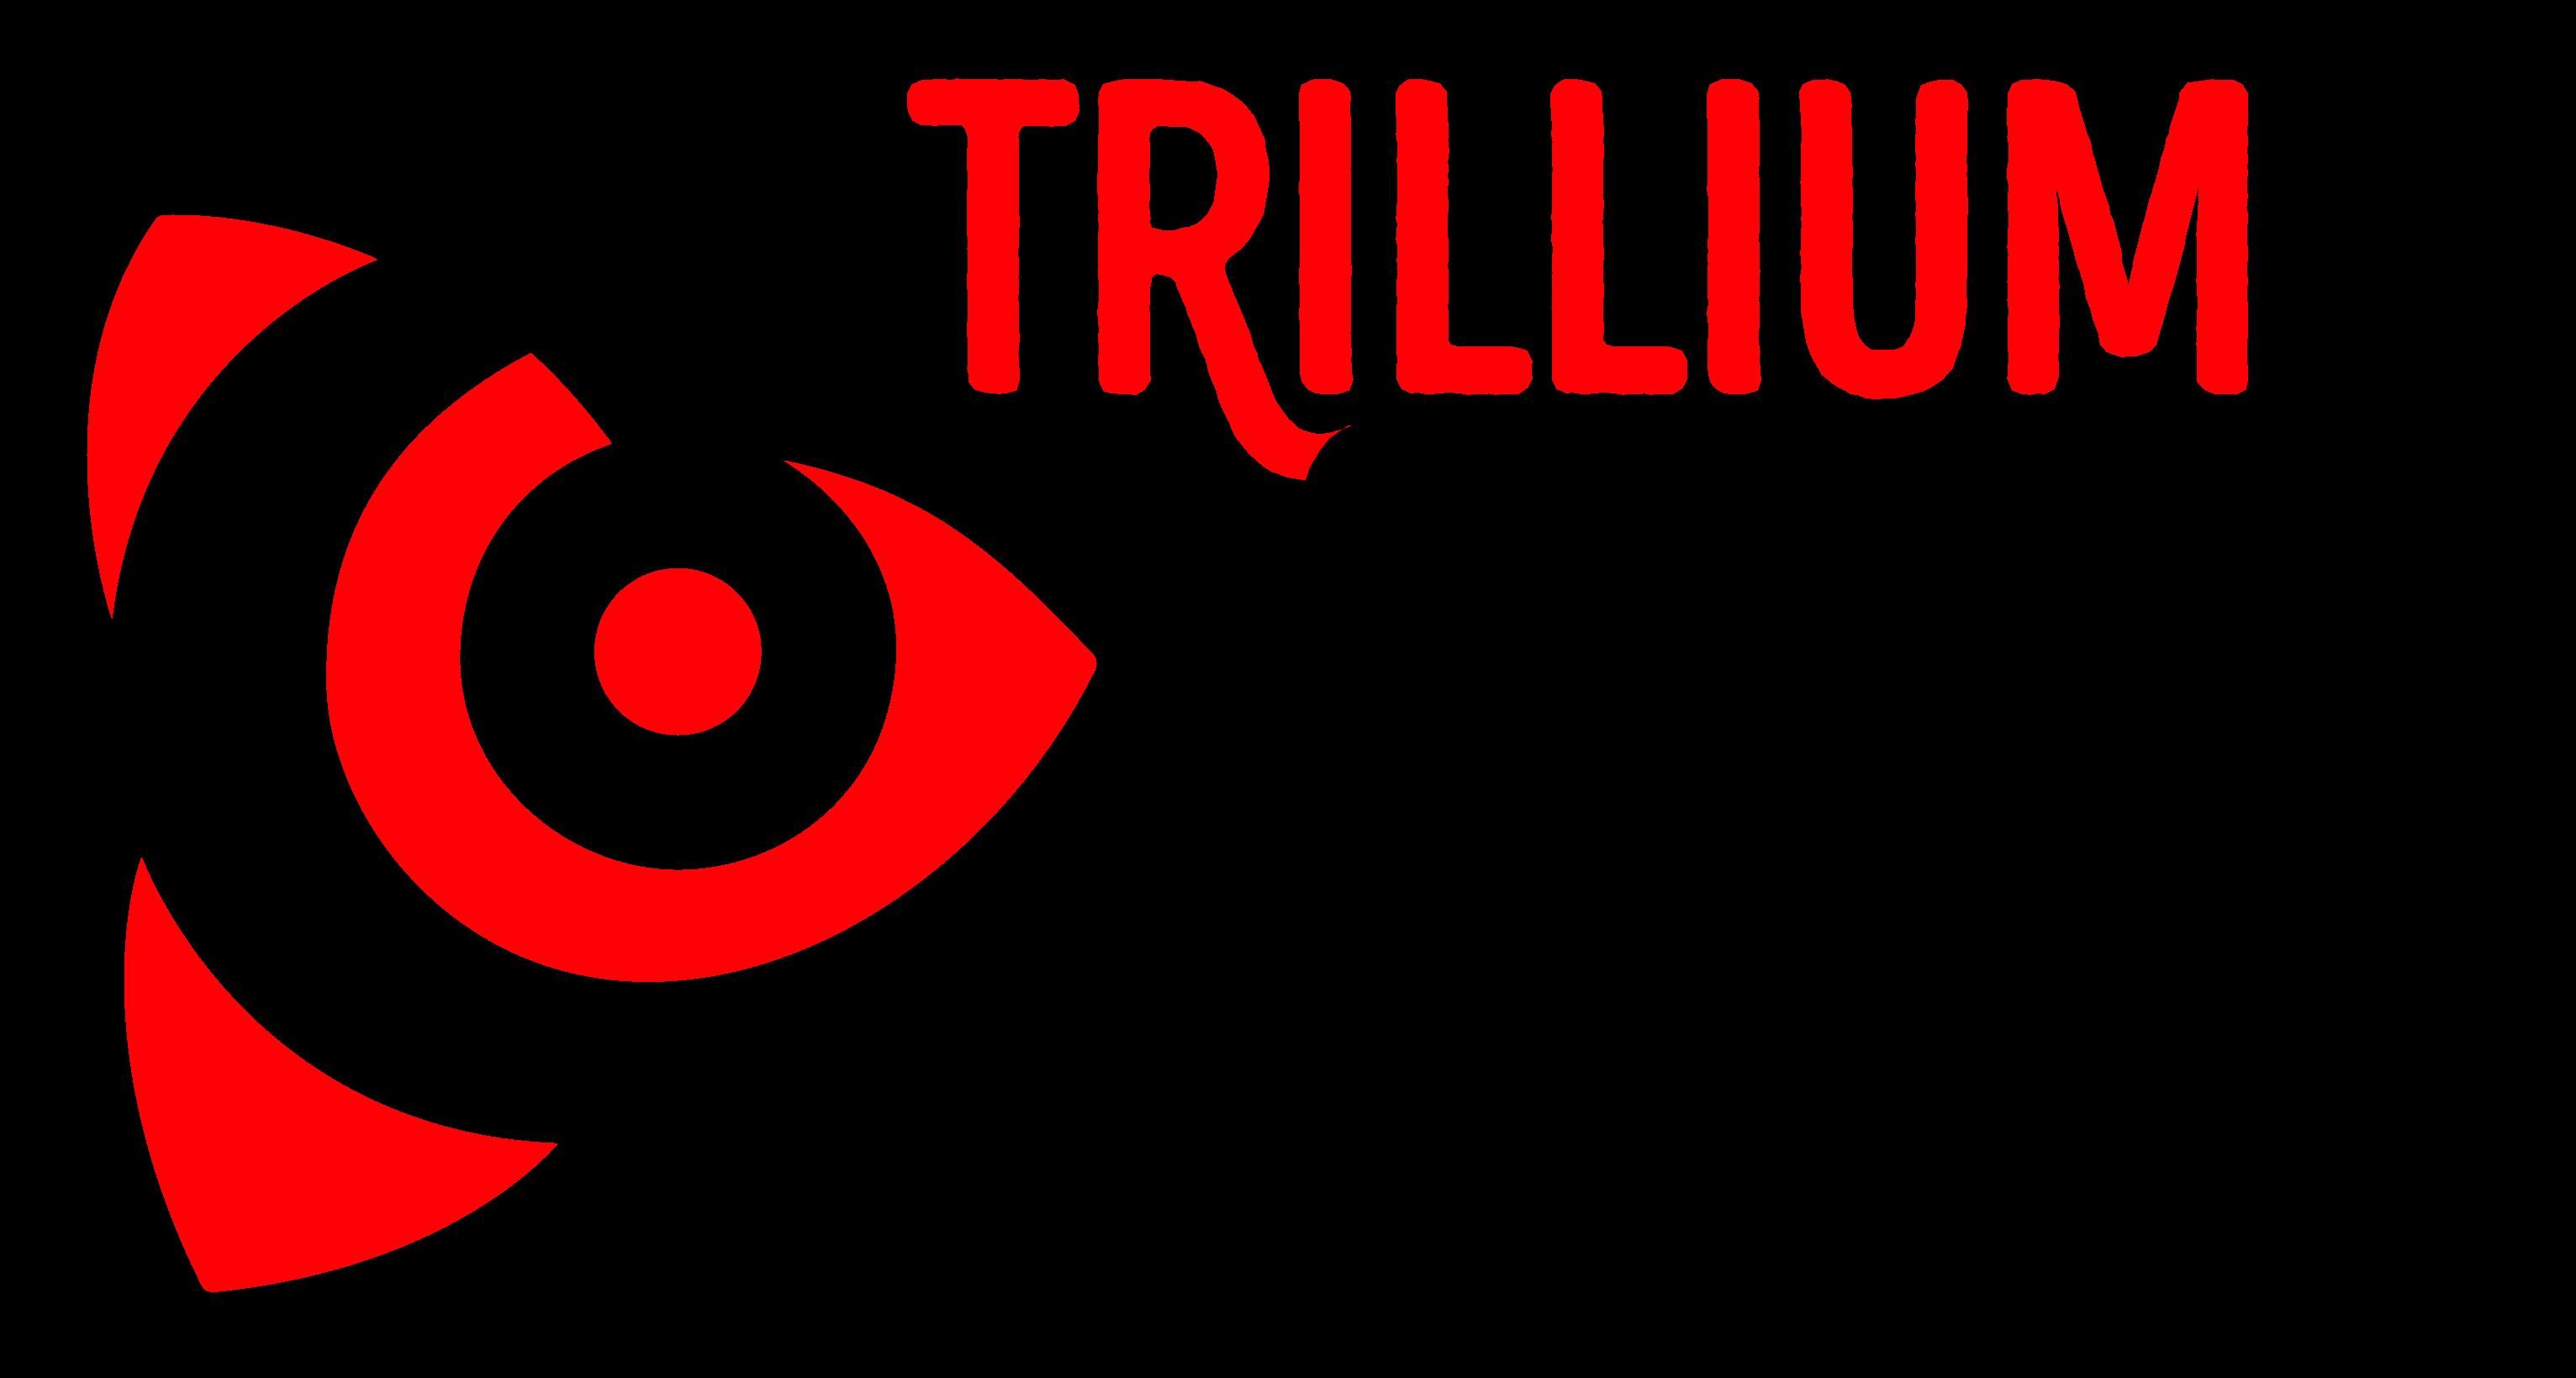 Trillium Curling Camp